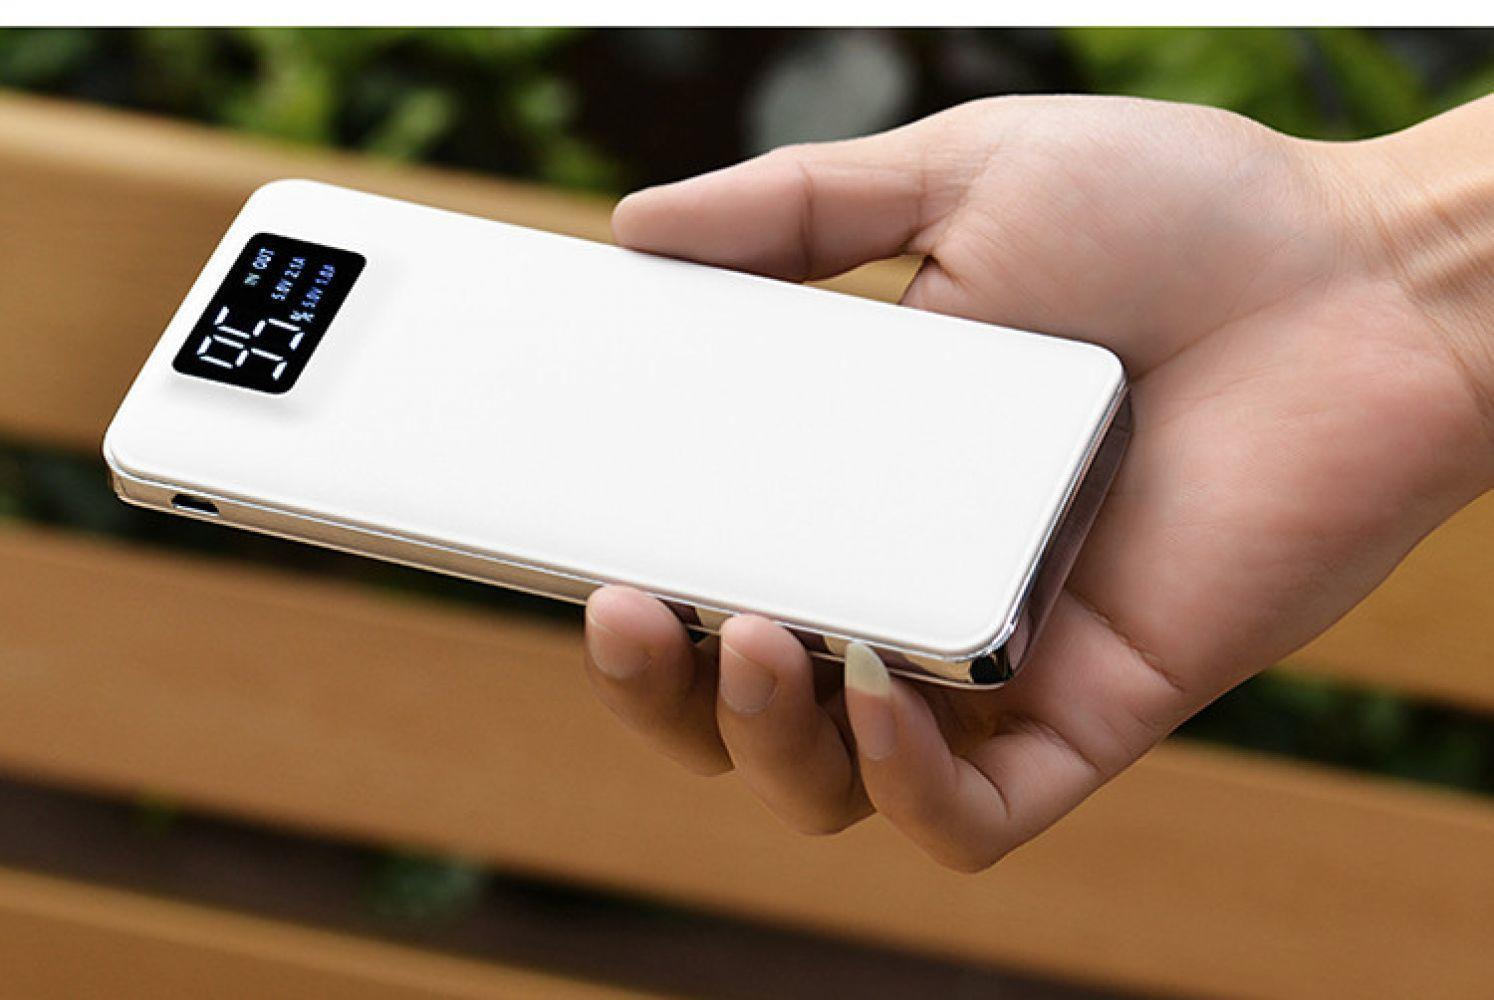 10000mah بنك الطاقة شاشة LCD الخارجية حزمة بطارية محمول شاحن الهاتف إمدادات الطاقة الخارجية